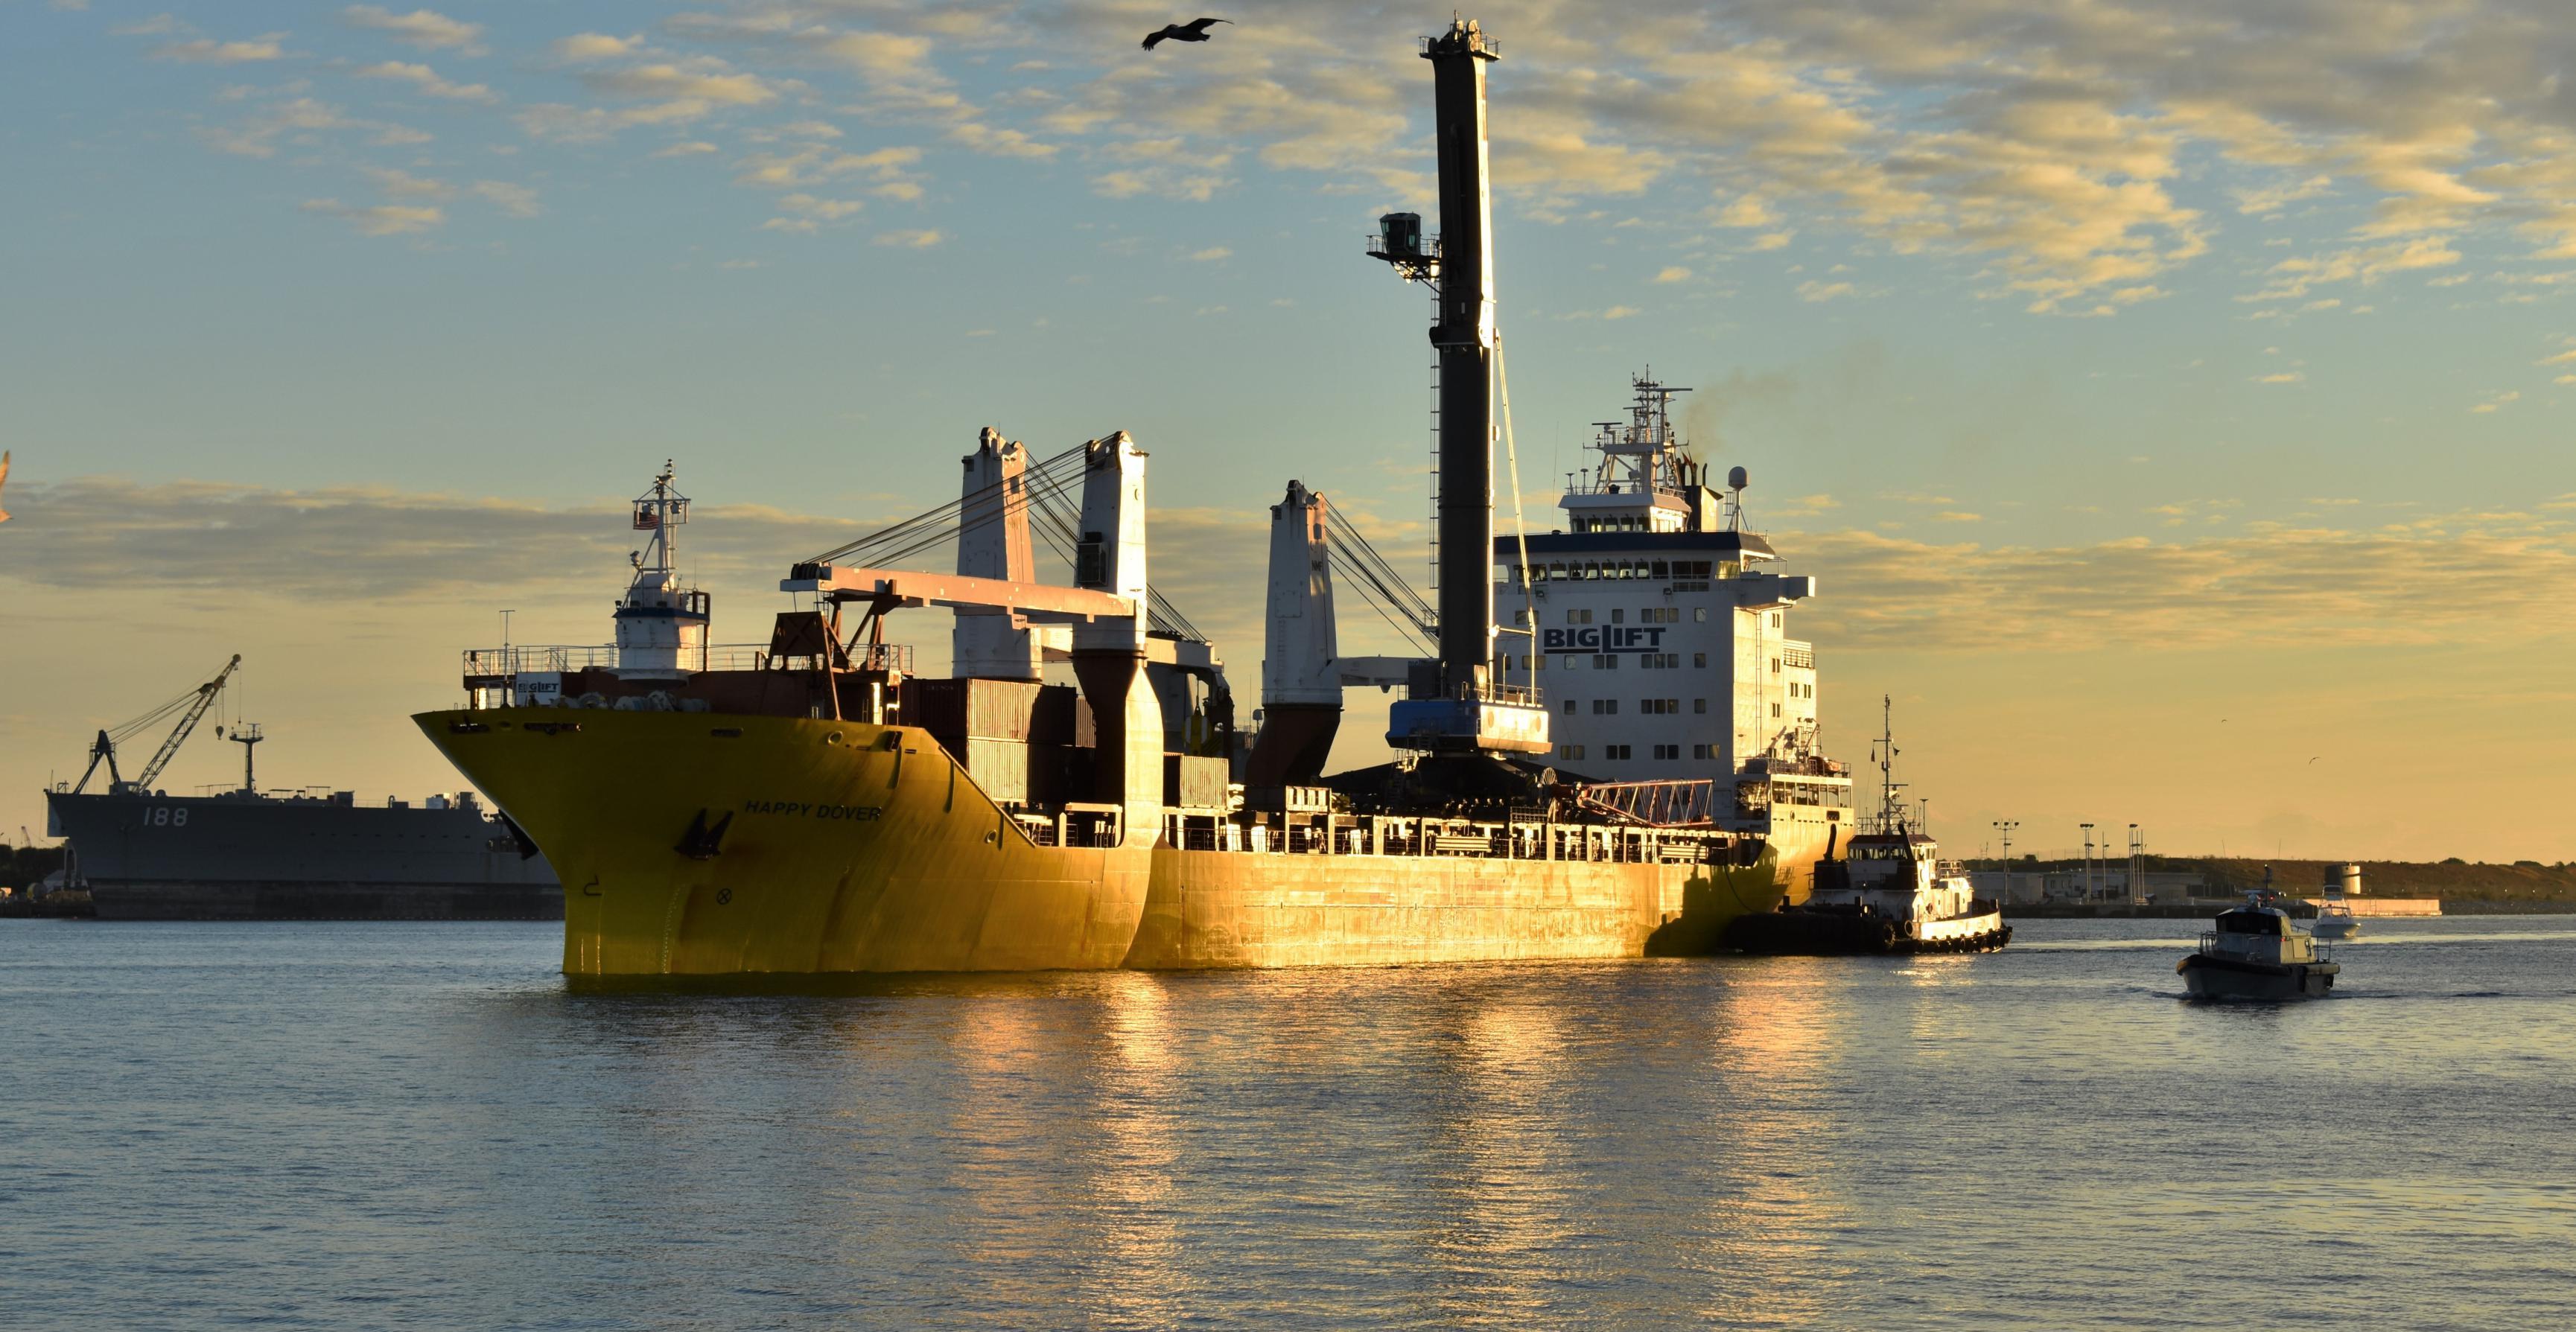 Liebherr LHM 600 crane Port Canaveral 011819 (Port Canaveral) 1 crop(c)